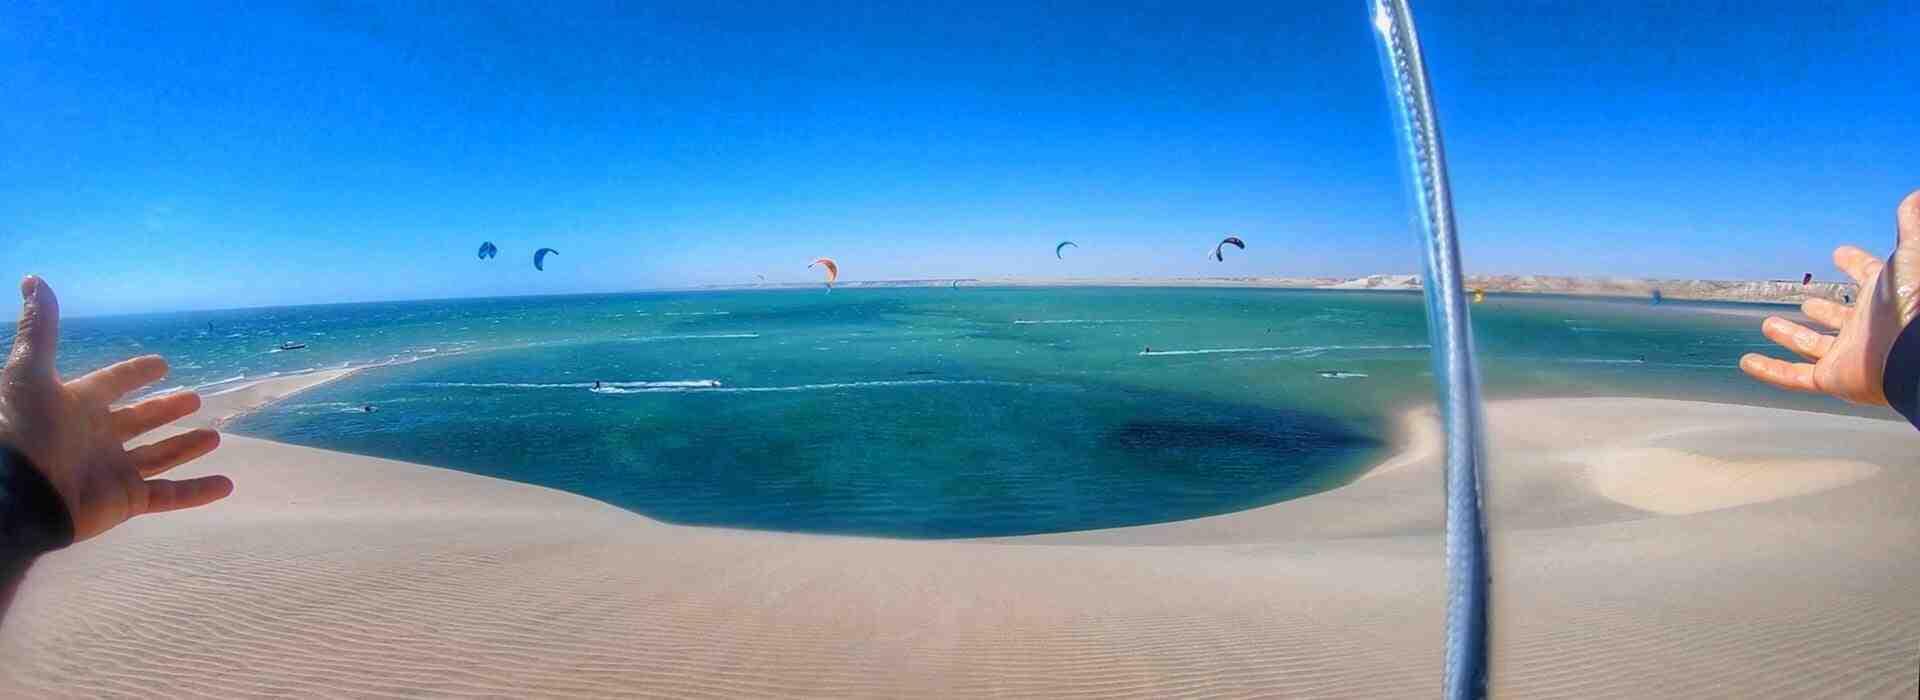 Quelle aile de kite pour débuter ?